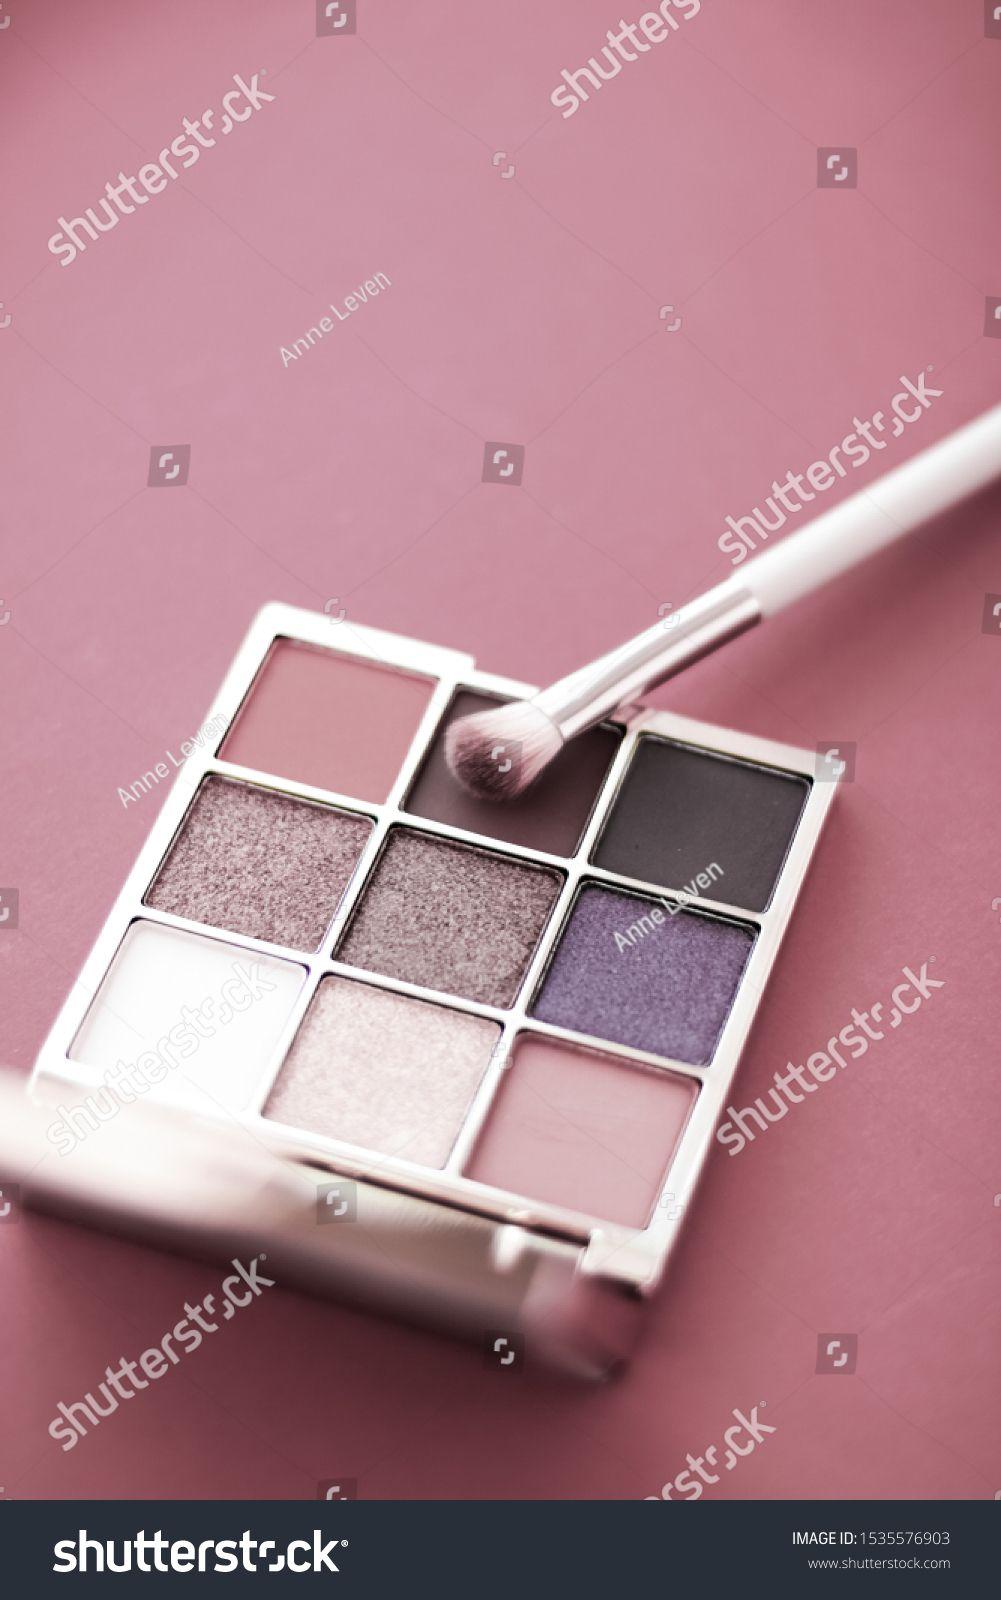 Cosmetic branding, mua and girly concept Eyeshadow